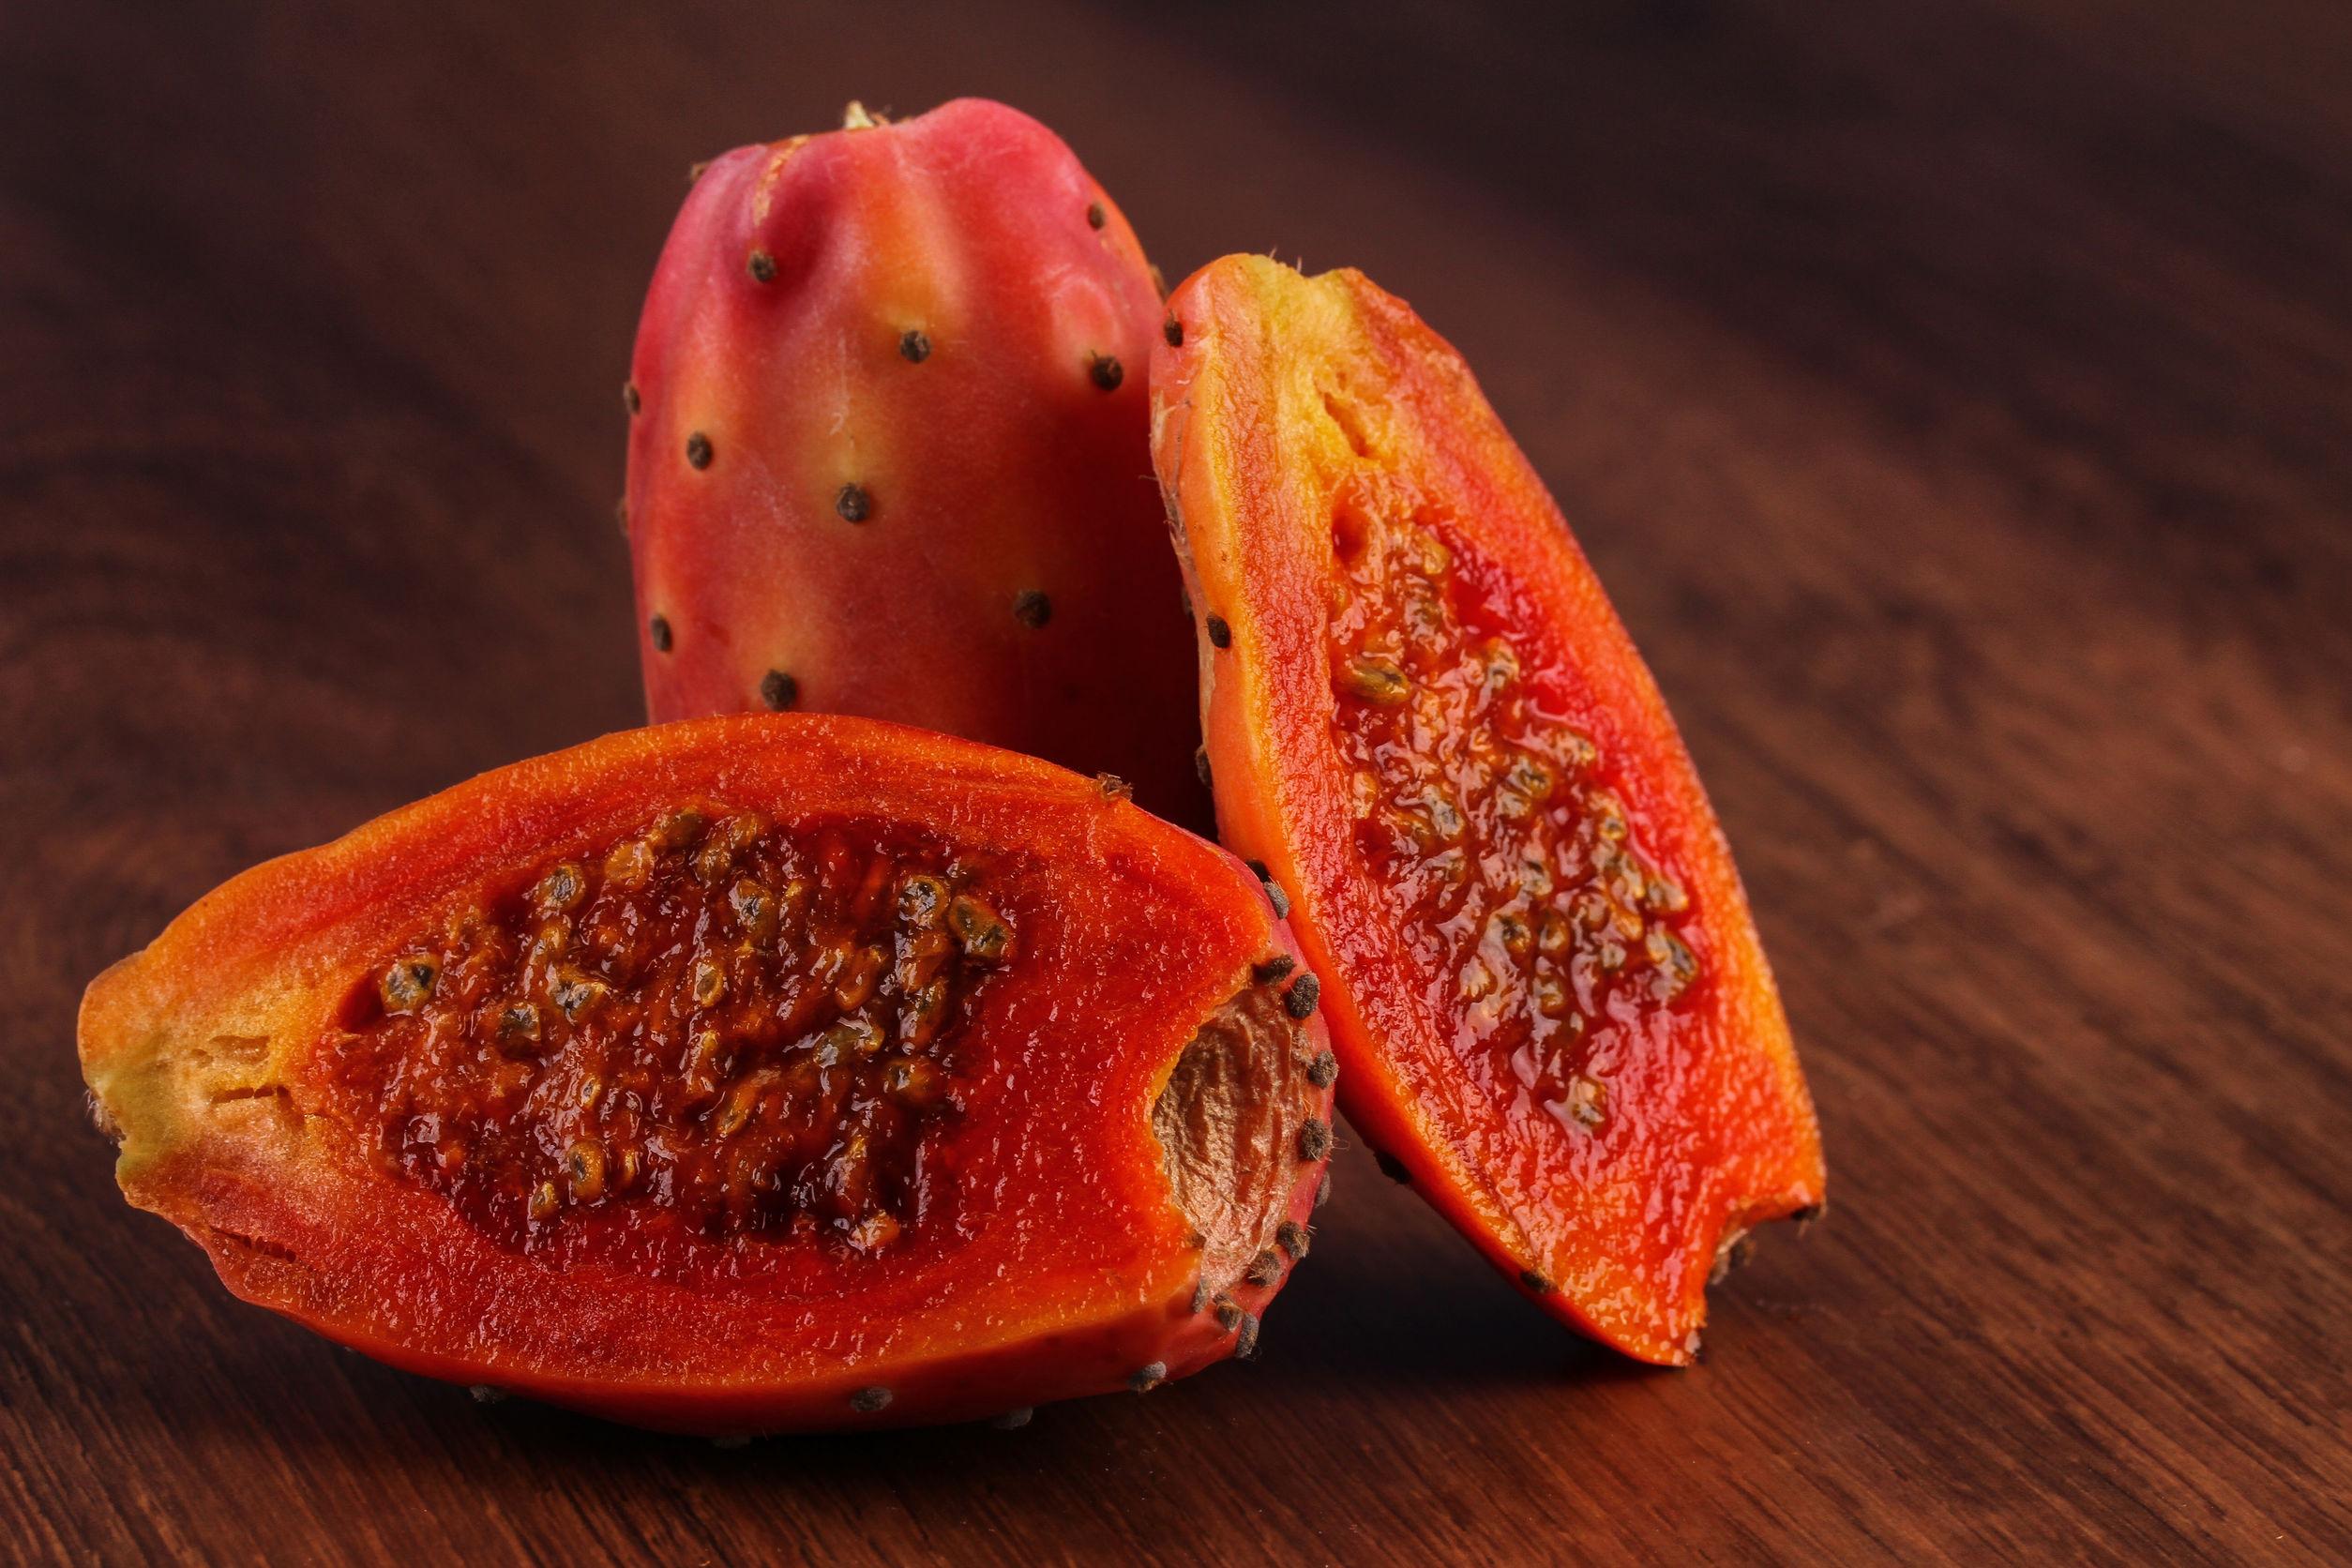 Coupe faim naturel ces aliments sans danger qui peuvent - Aliment coupe faim qui ne fait pas grossir ...